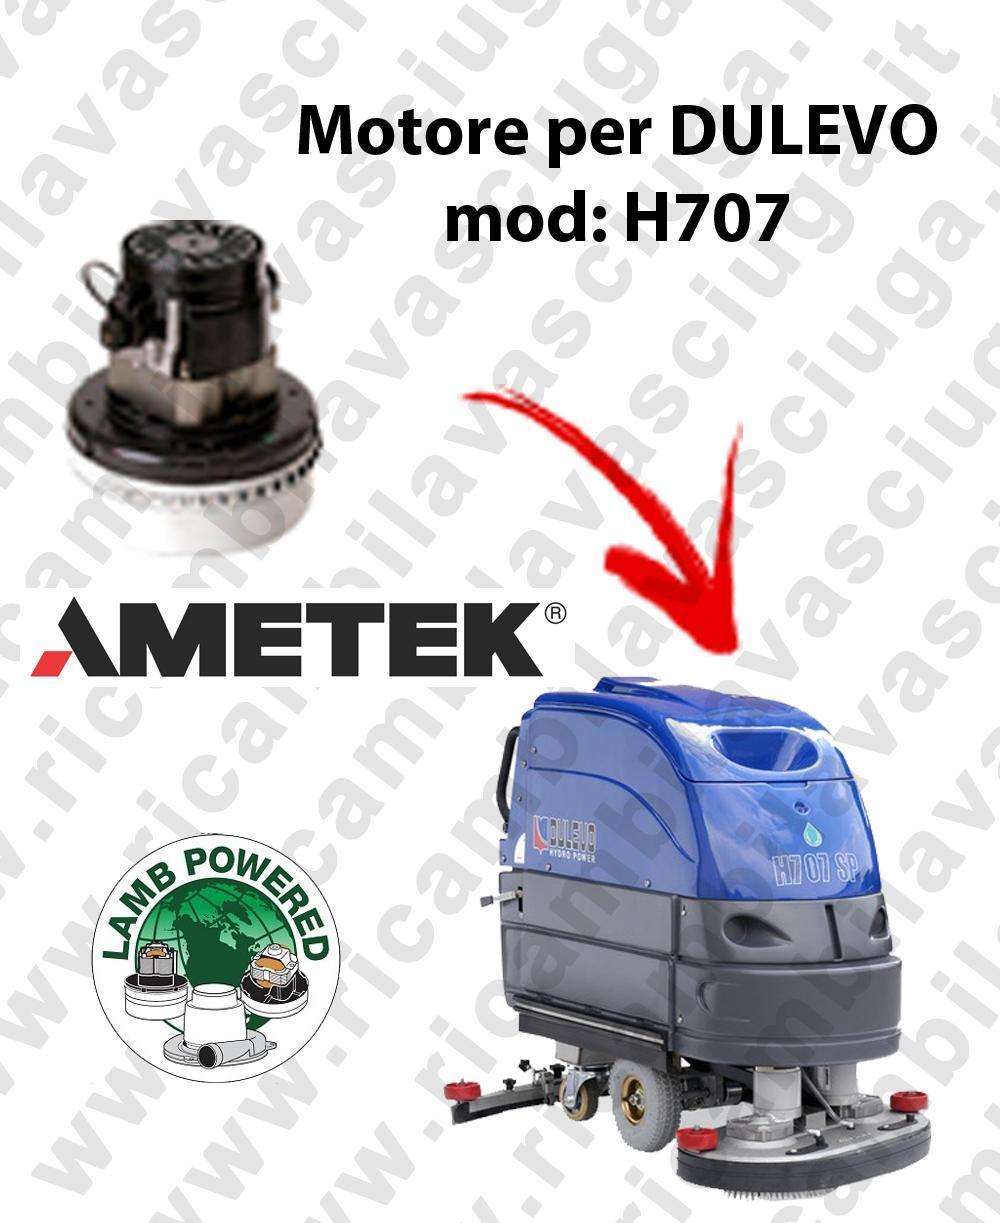 H707 LAMB AMETEK vacuum motor for scrubber dryer DULEVO